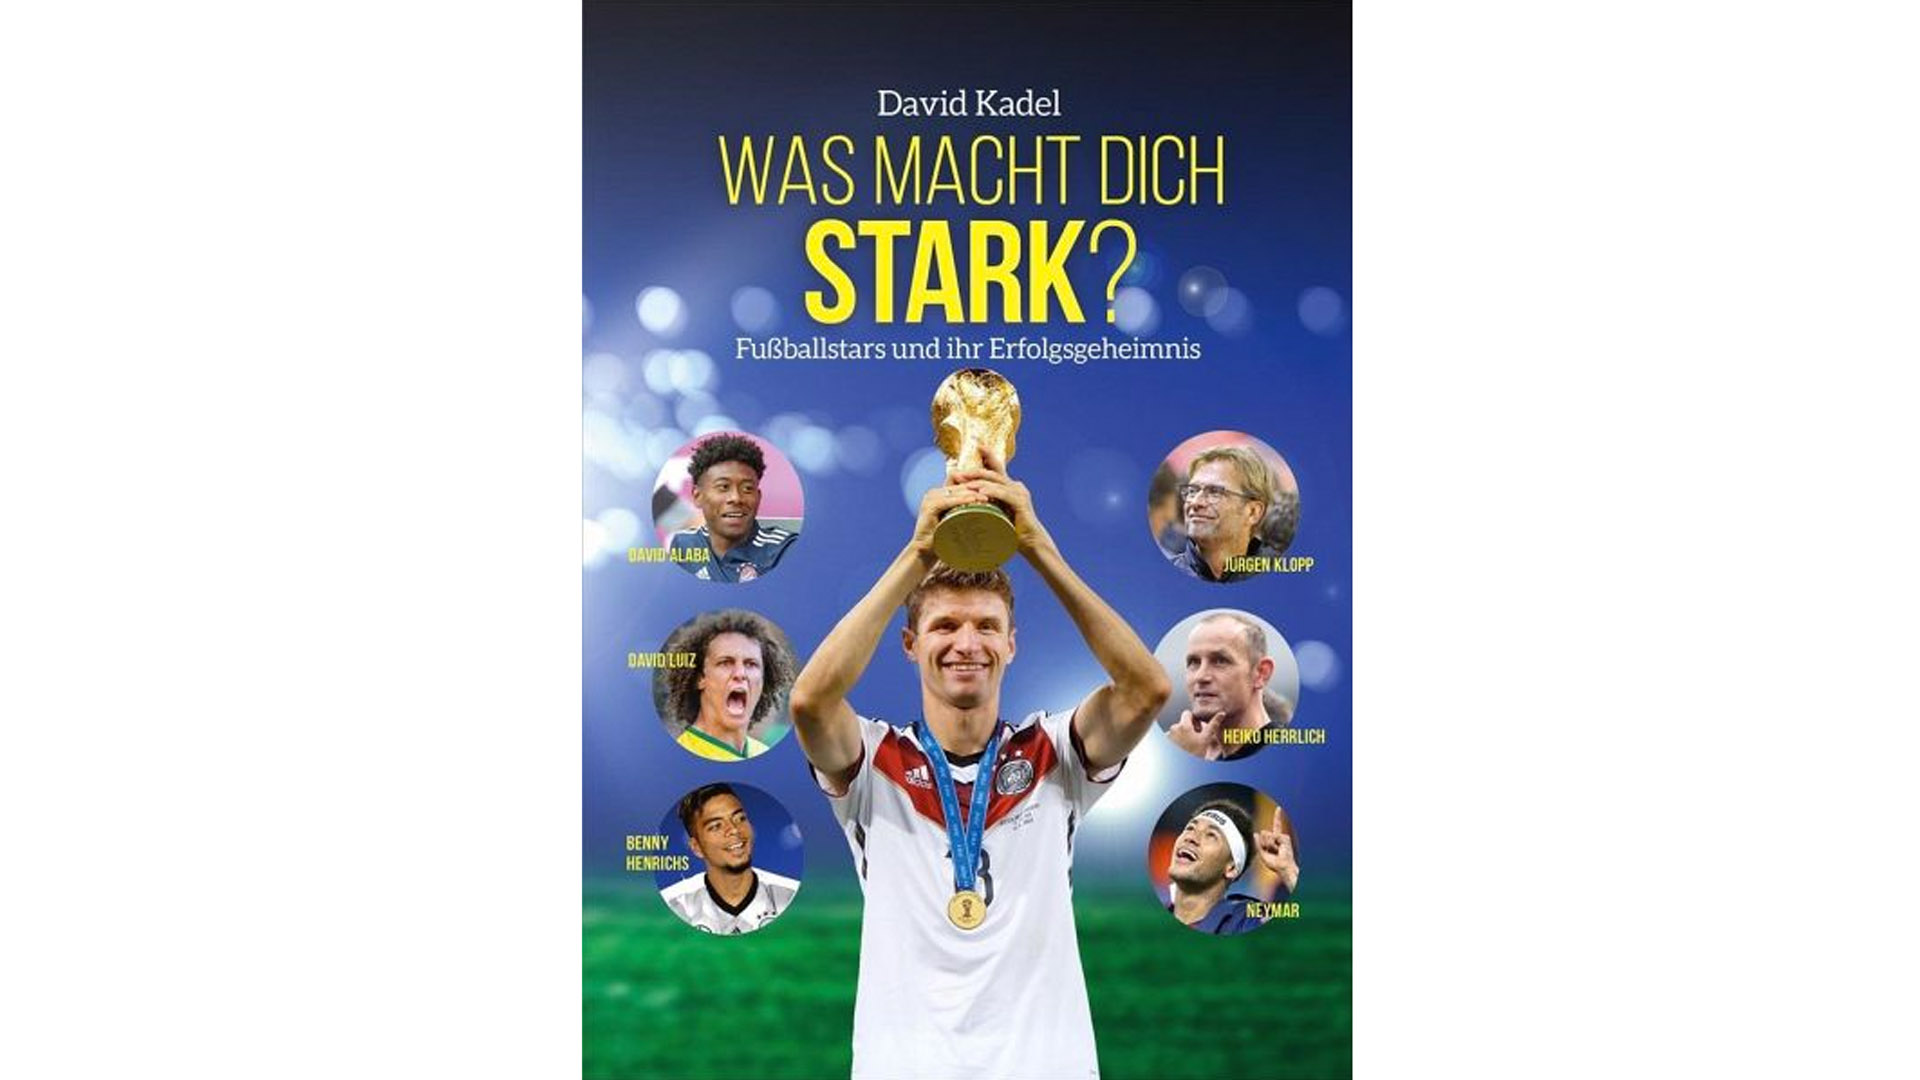 """aus: """"Was macht dich stark"""" von David Kadel, 160 Seiten, Gerth Medien, ISBN 9783957344939, www.davidkadel.de"""